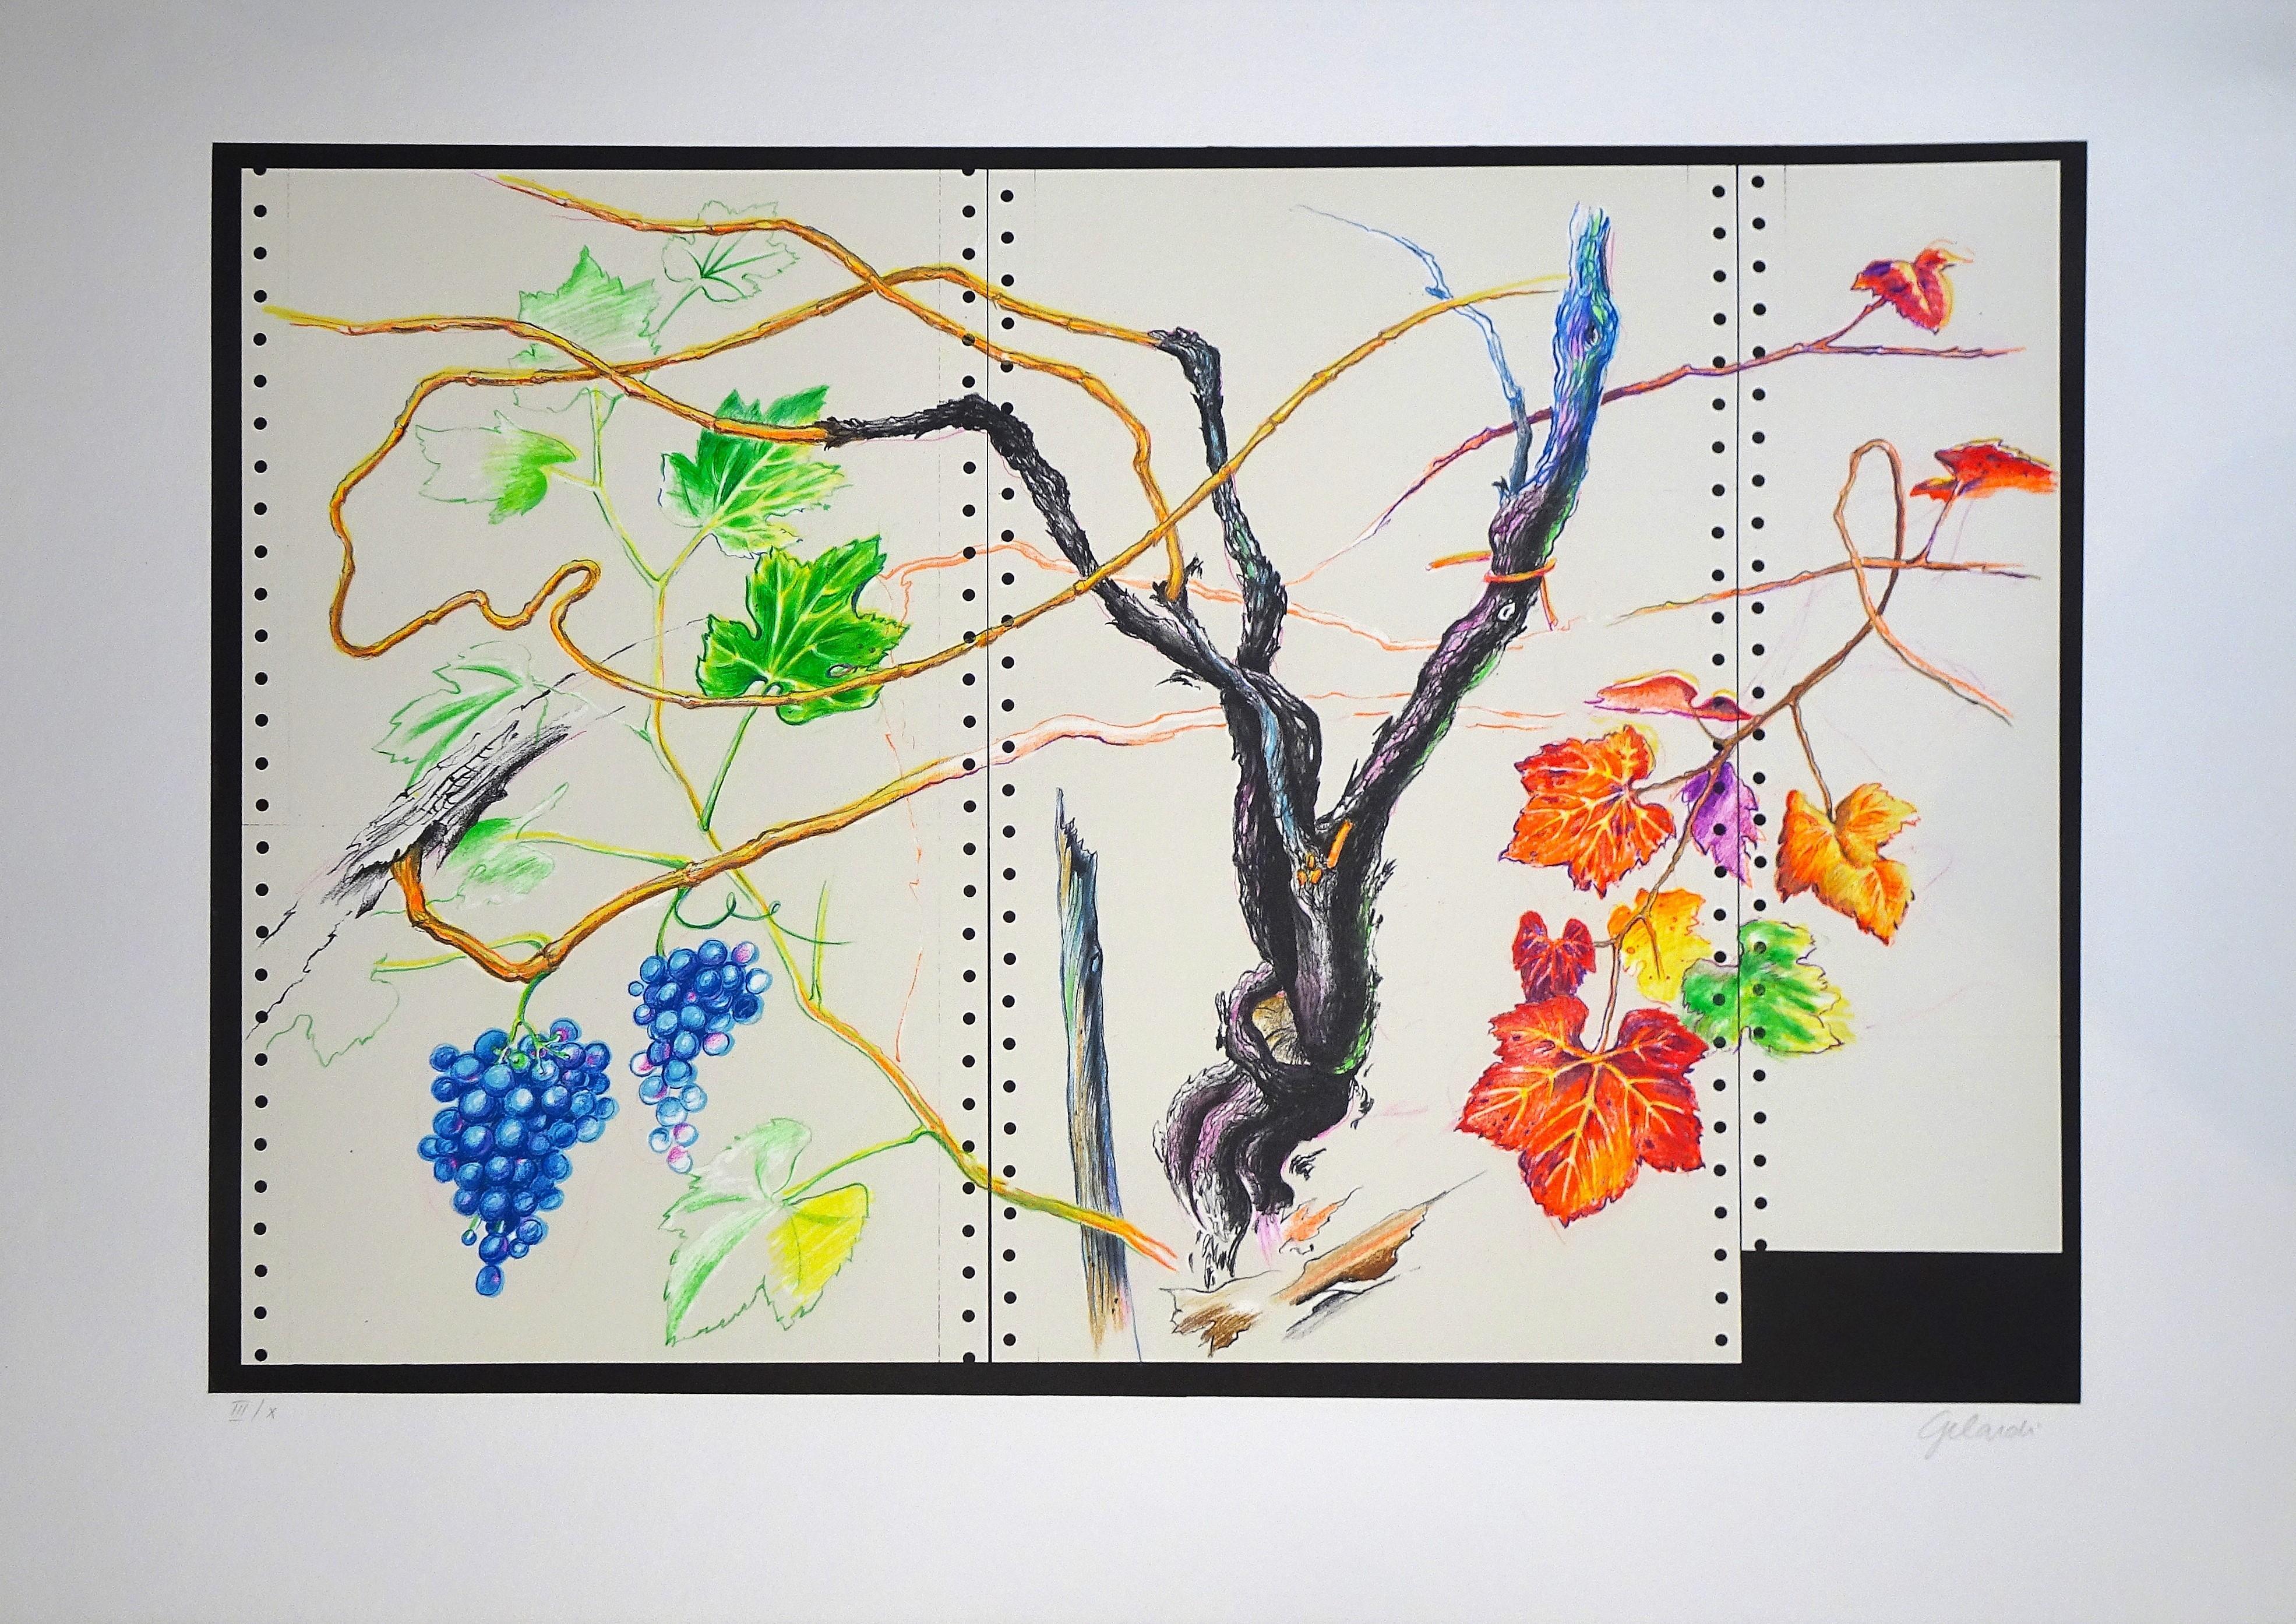 """""""Inverosimile"""" no.1 - Original Lithograph by Piero Gilardi - 1990"""